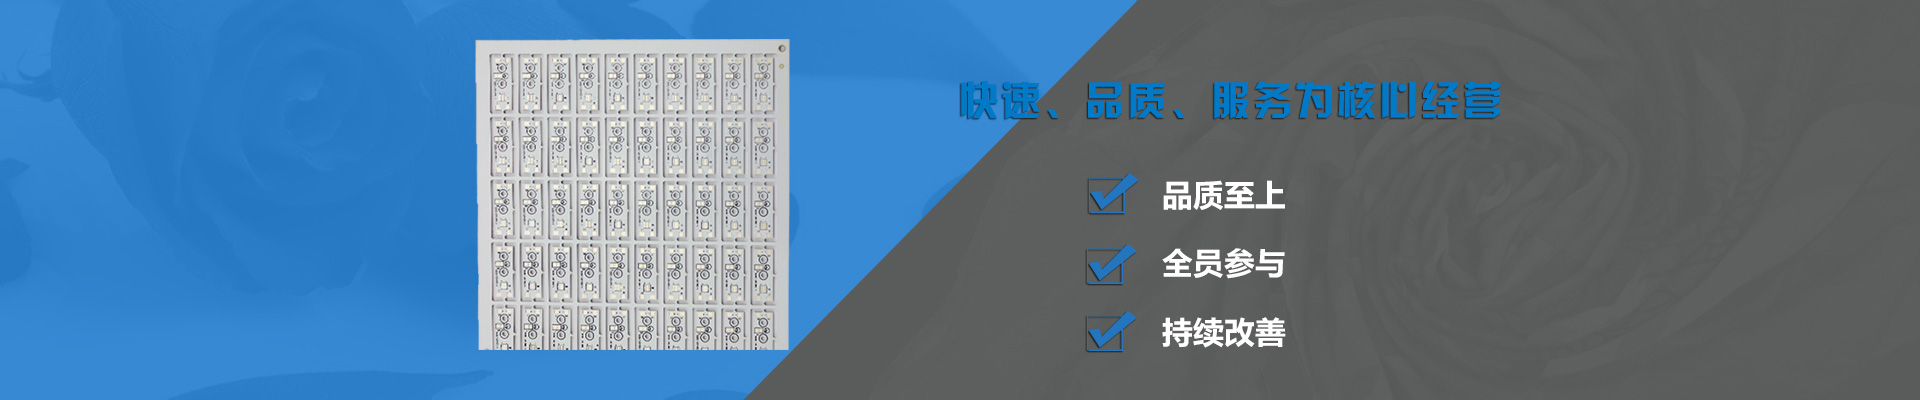 2-32层PCB